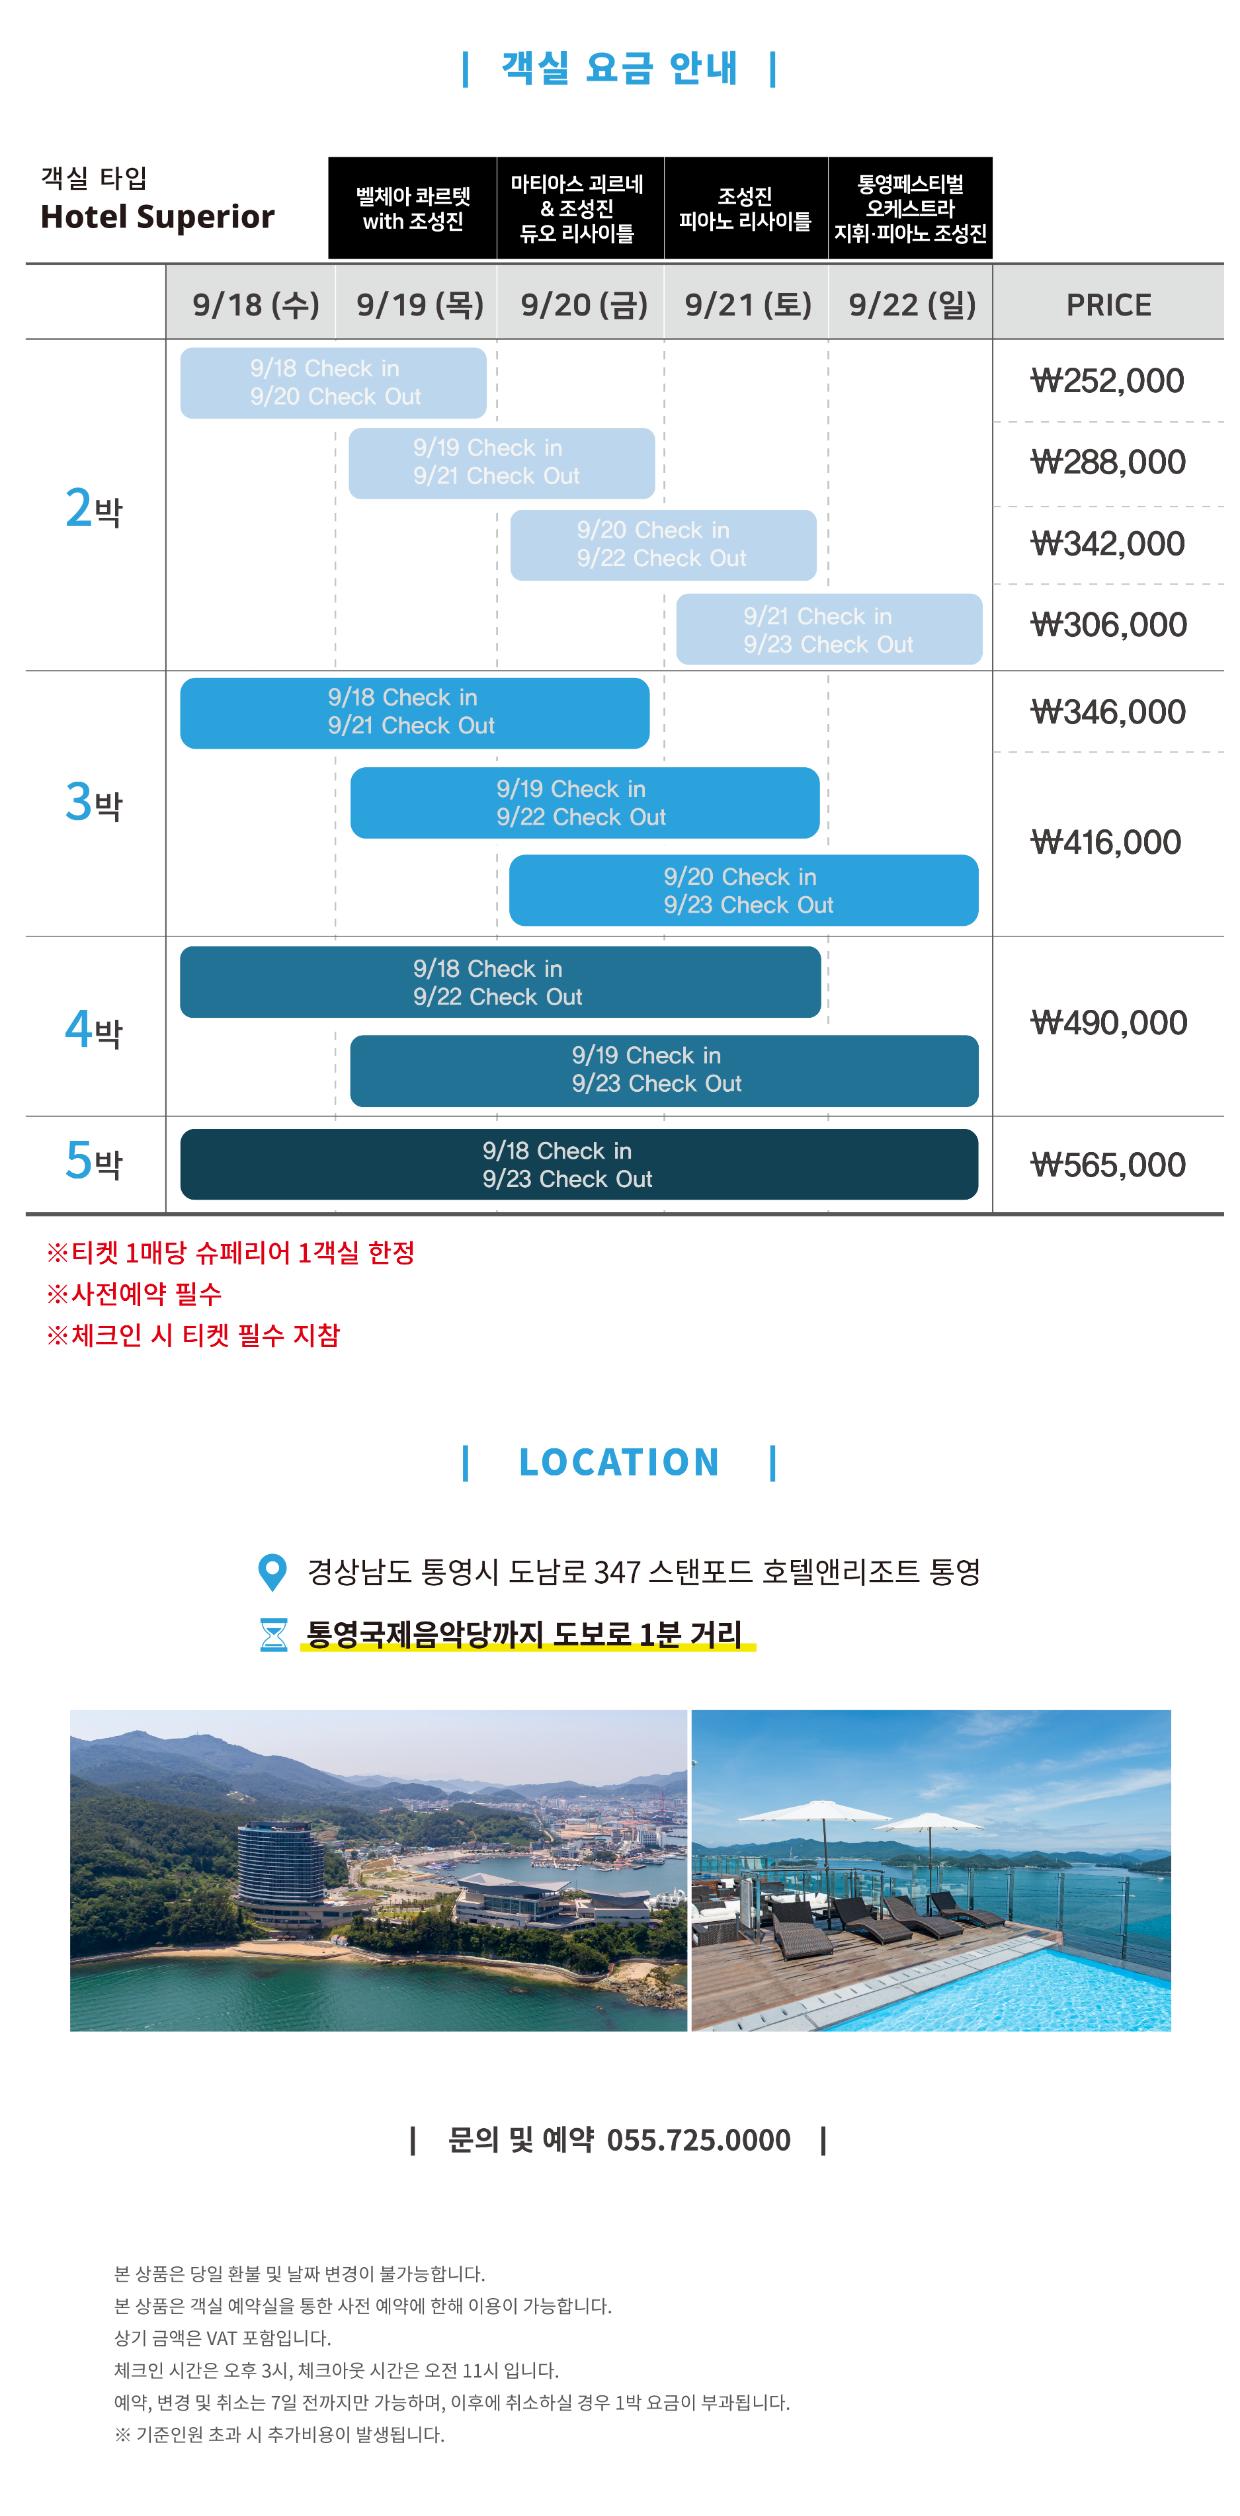 조성진과 친구들 연박 프로모션-02.png